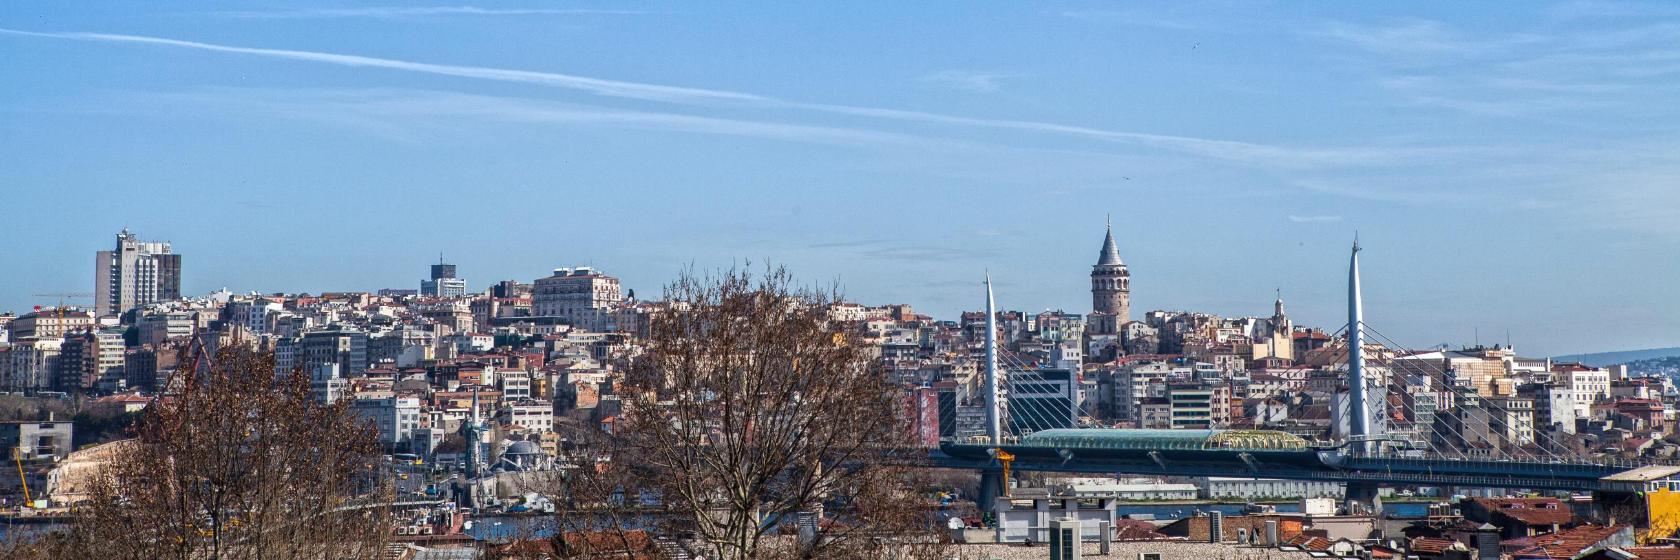 Отдых в Стамбуле - отзывы и цены. Советы самостоятельных туристов || Район фатих в стамбуле отзывы